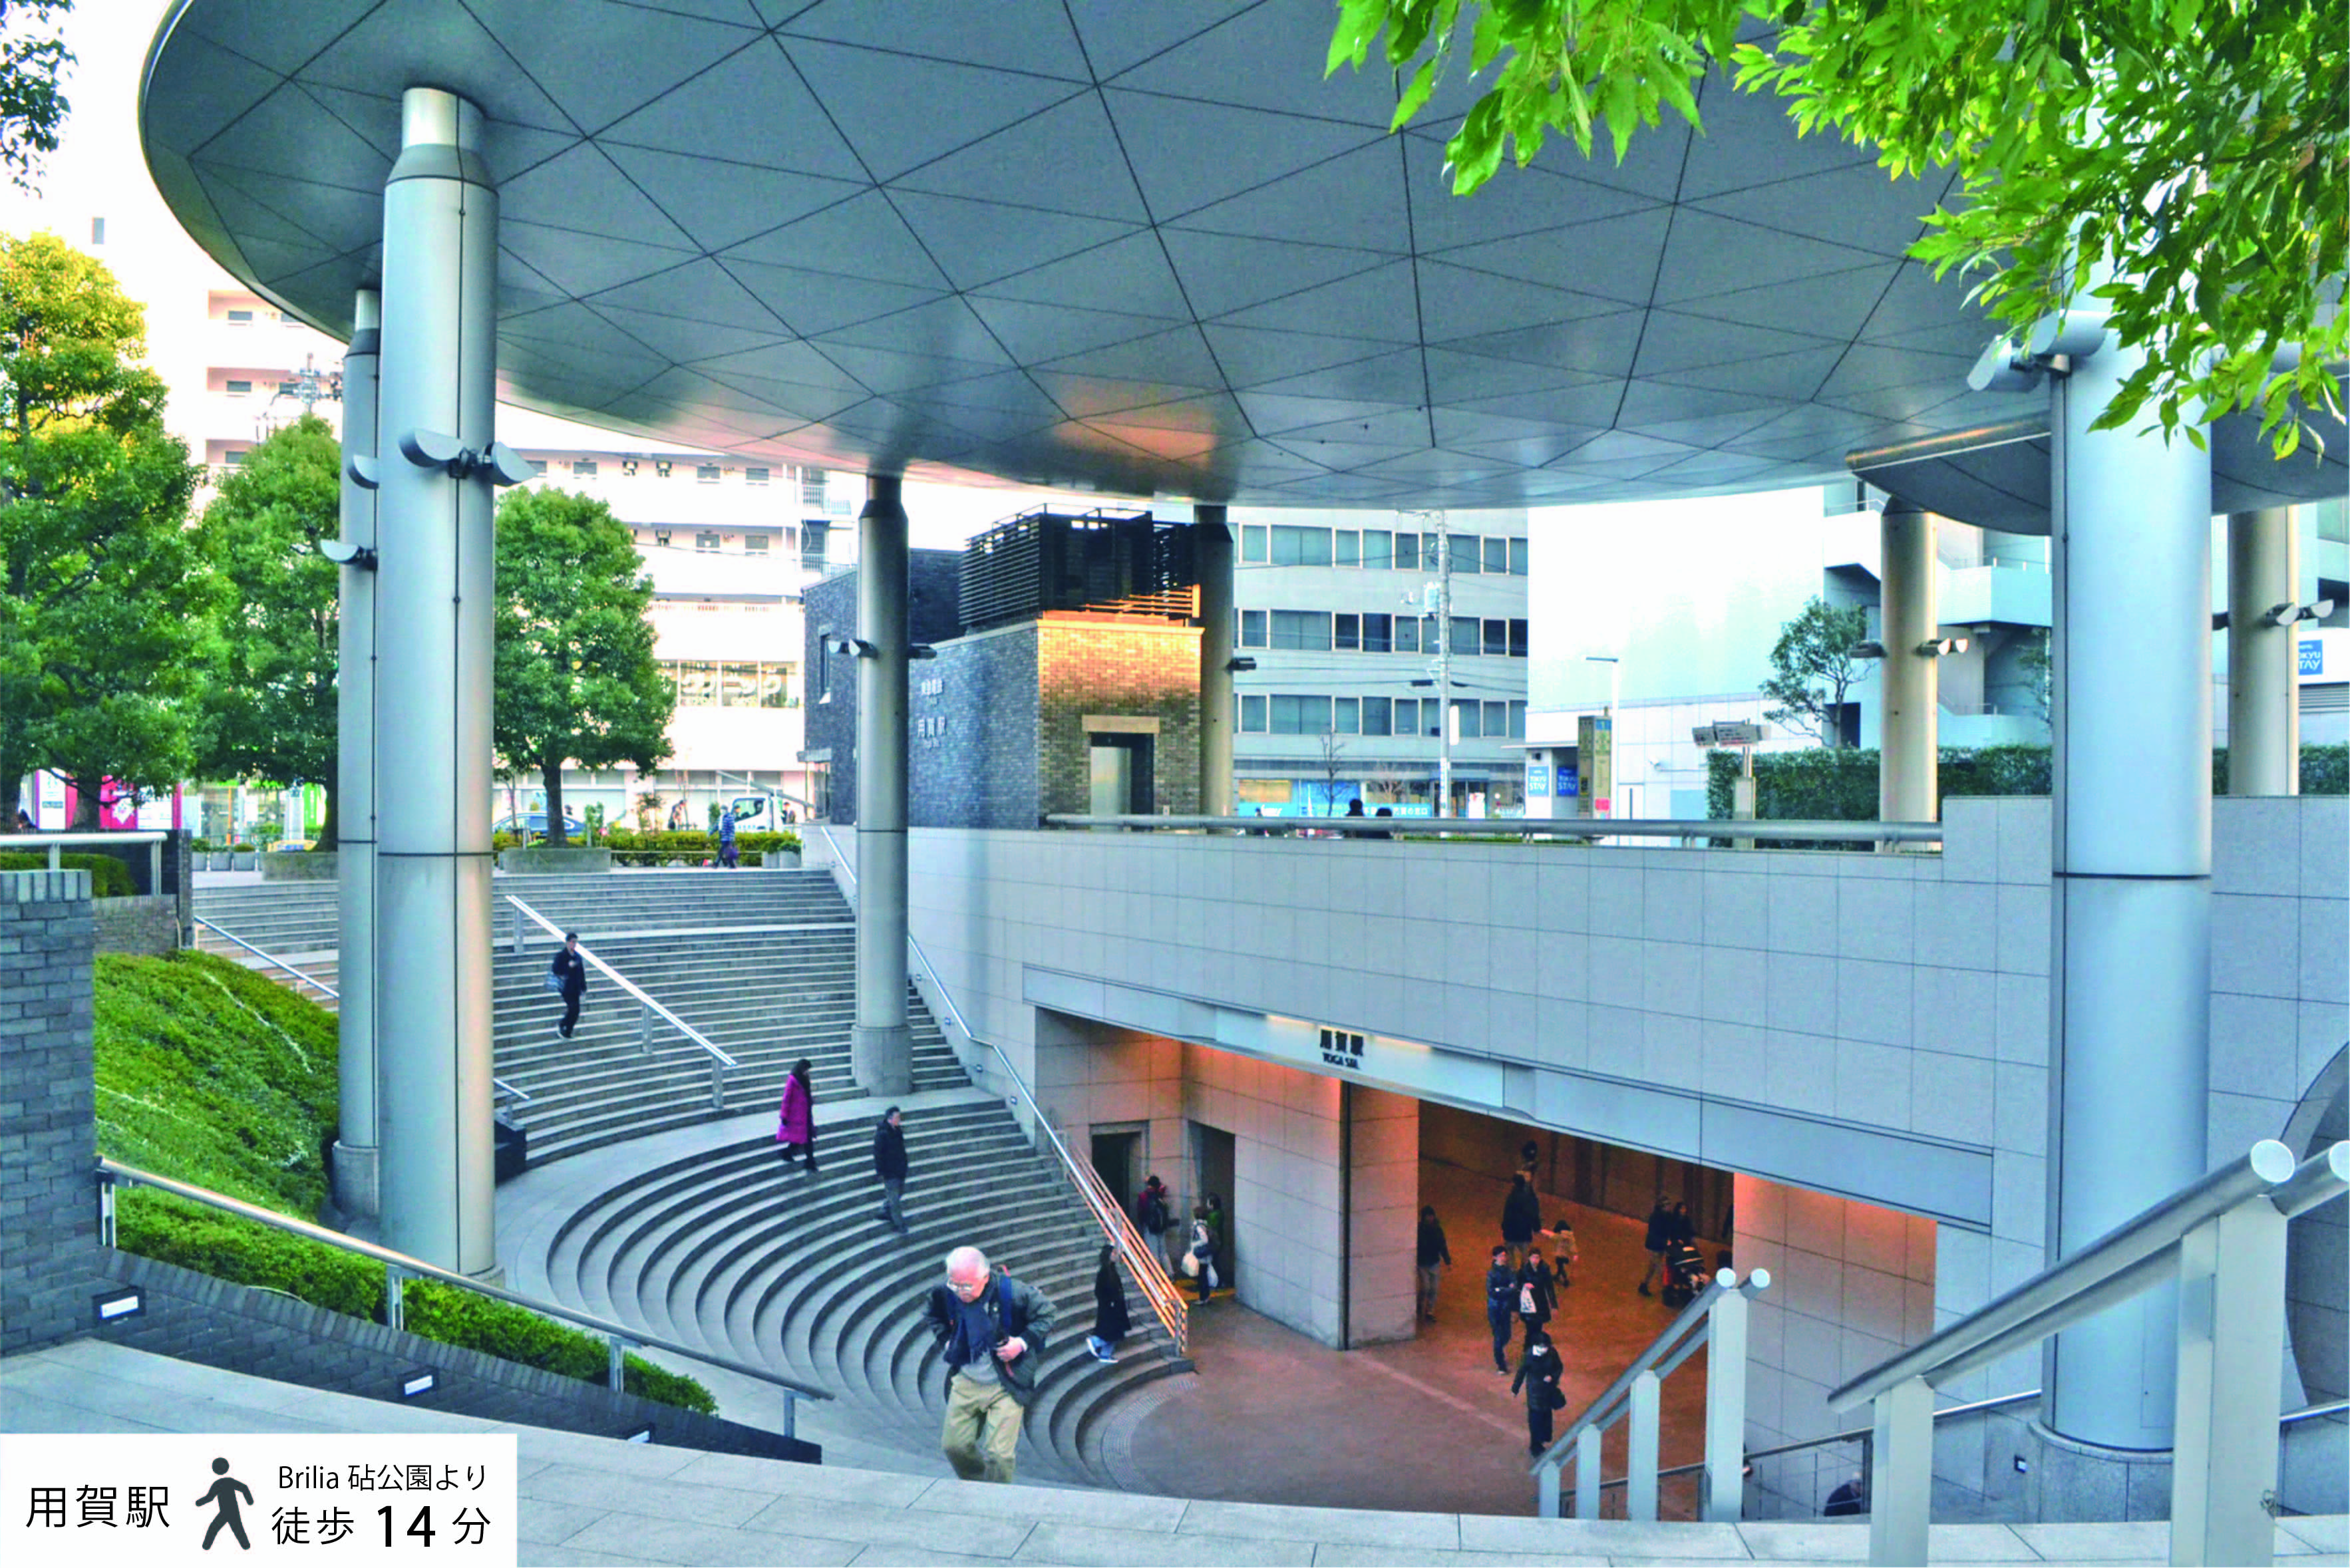 東急田園都市線 用賀駅 (徒歩14分) イメージ